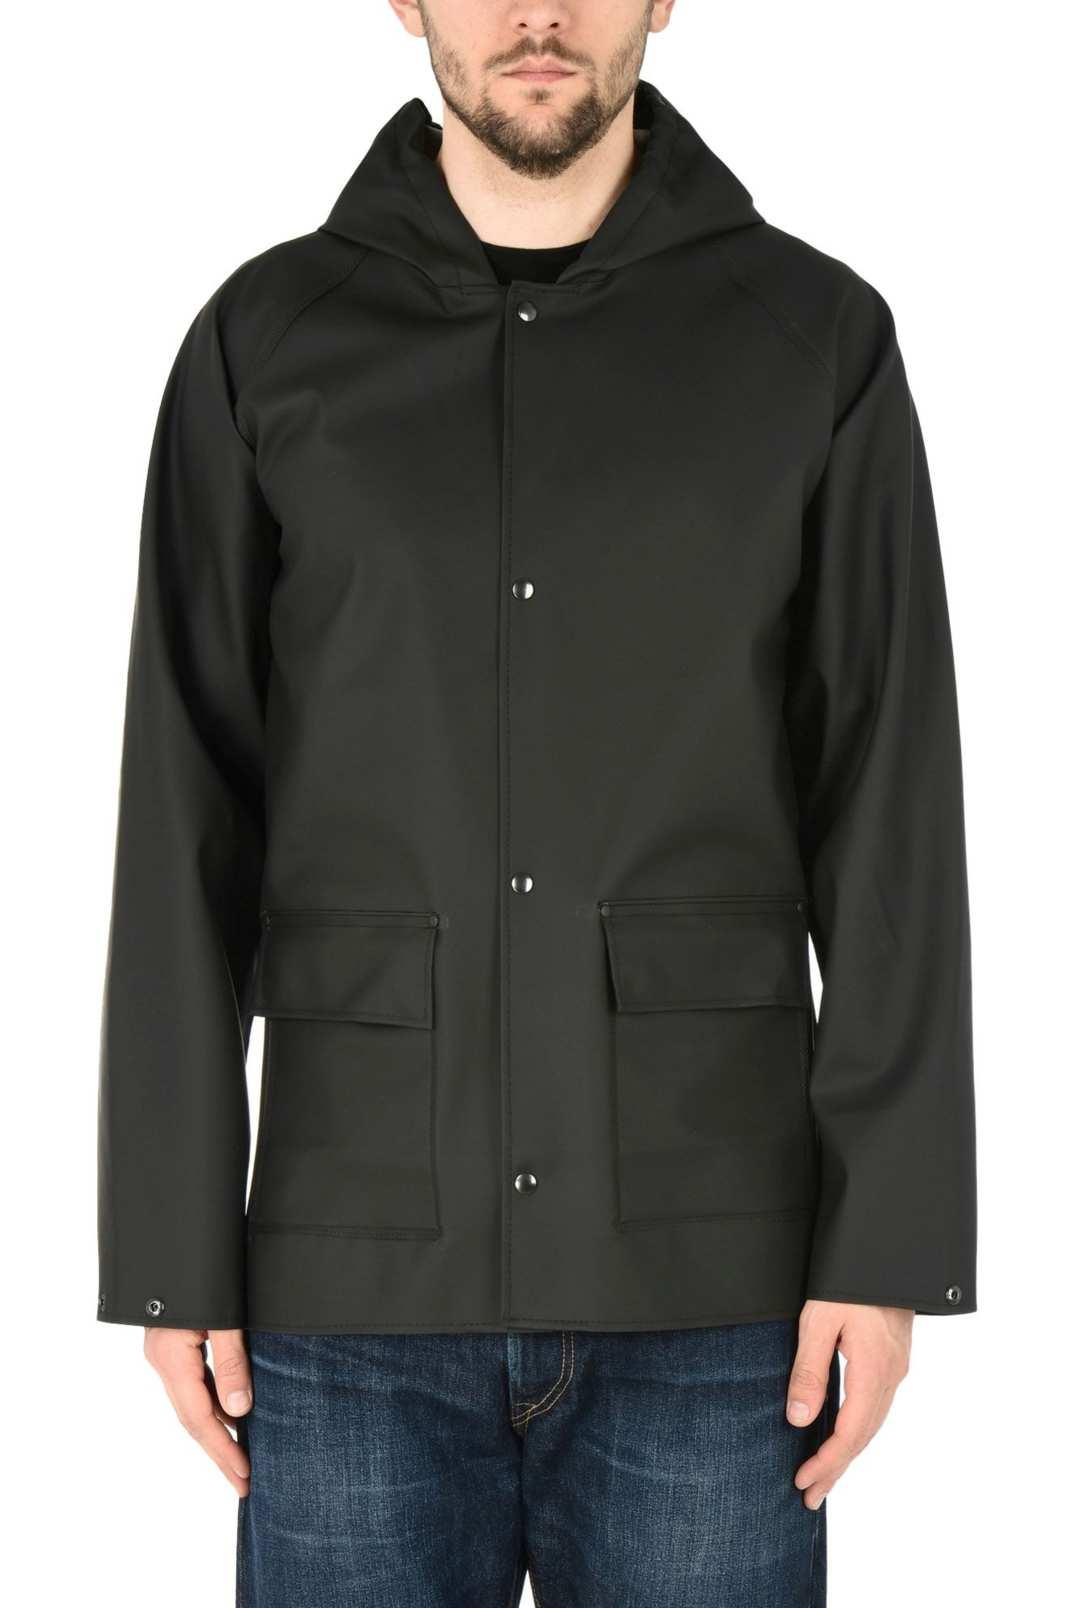 Elka Klitmølller Full-length jacket